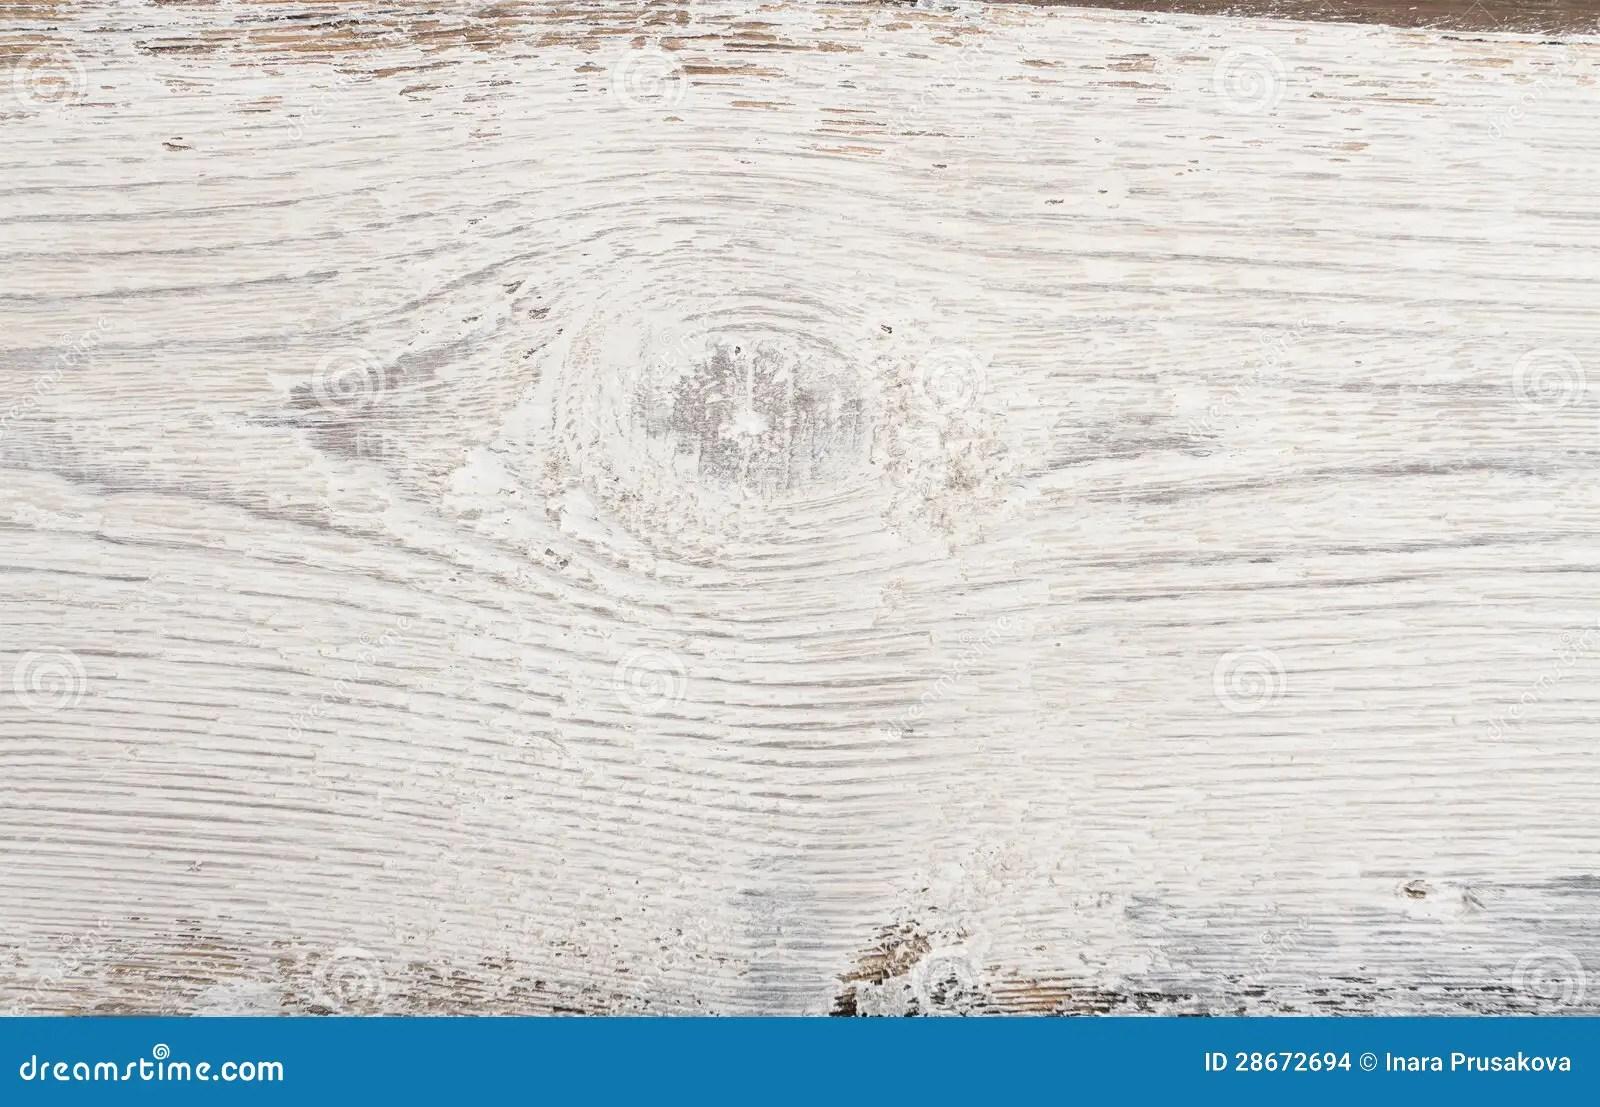 Raw Timber Texture